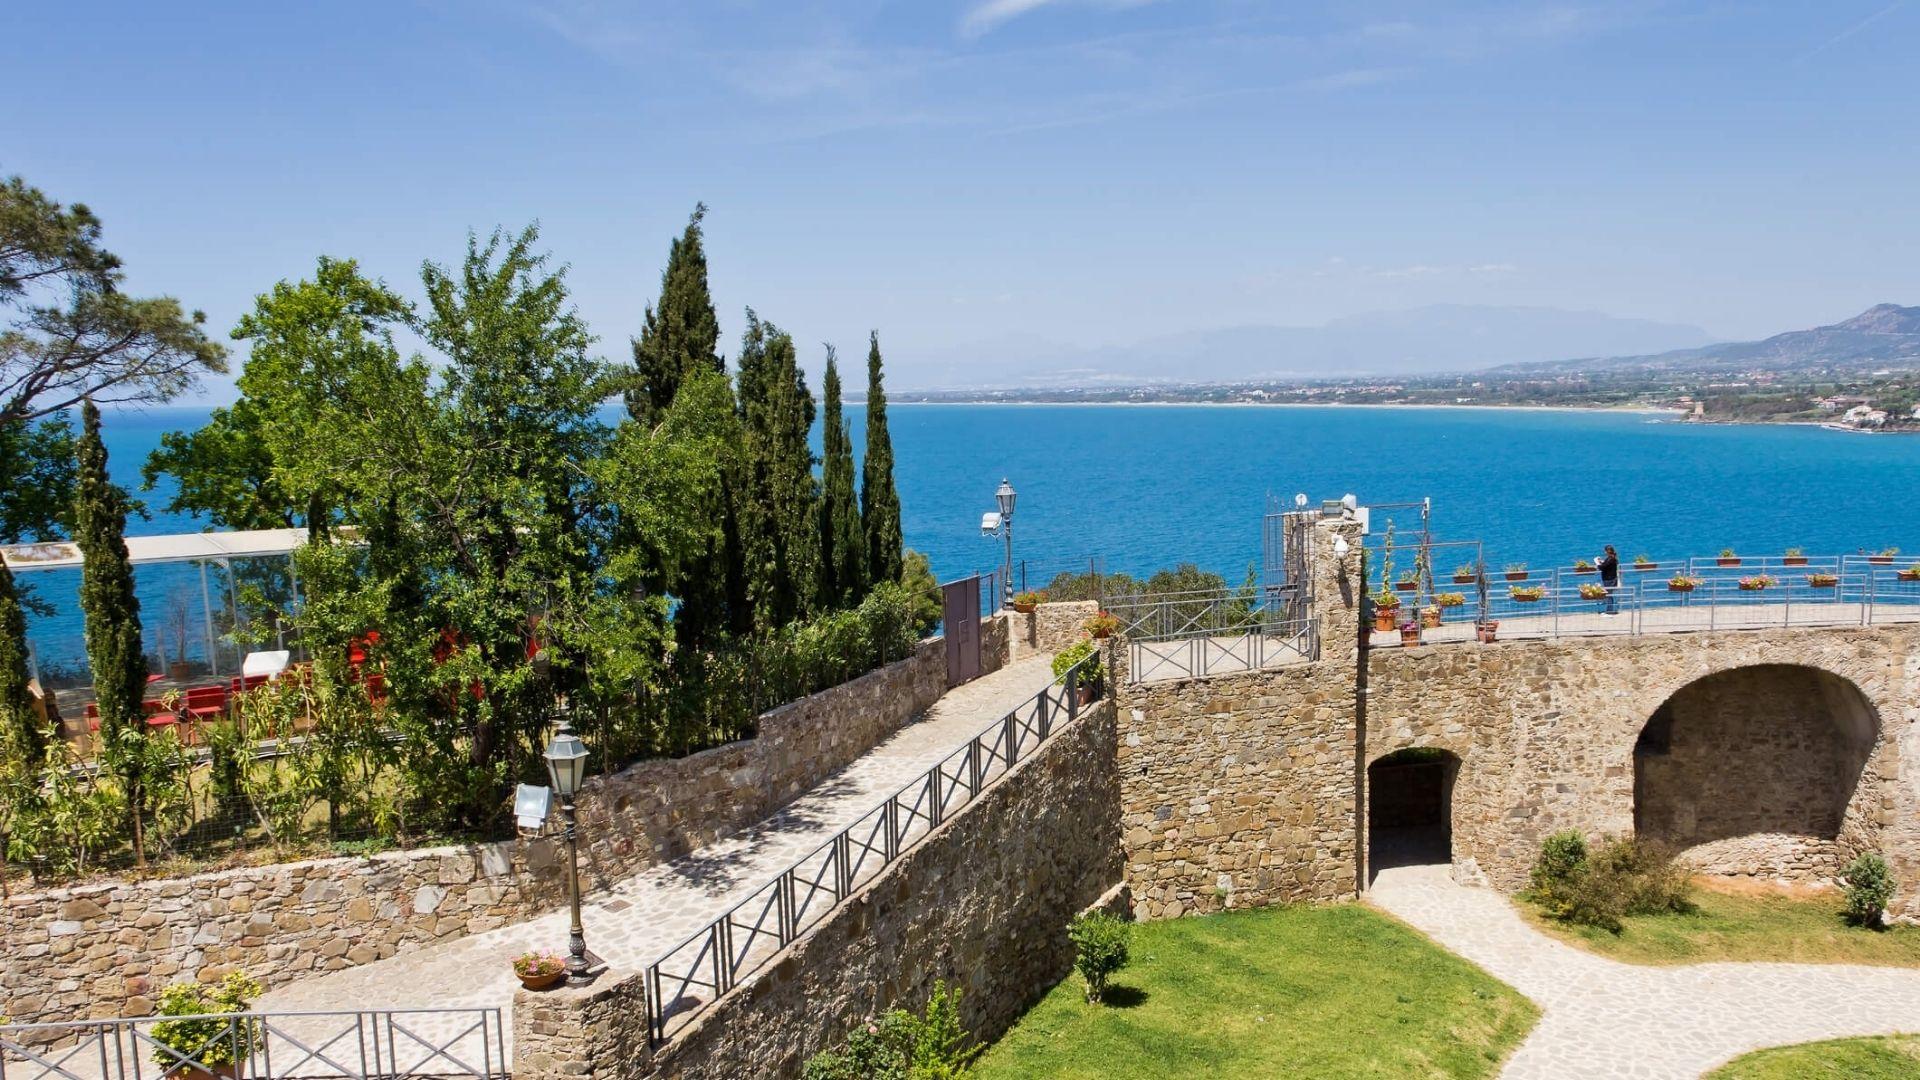 Il maestoso Castello Angioino Aragonese di Agropoli